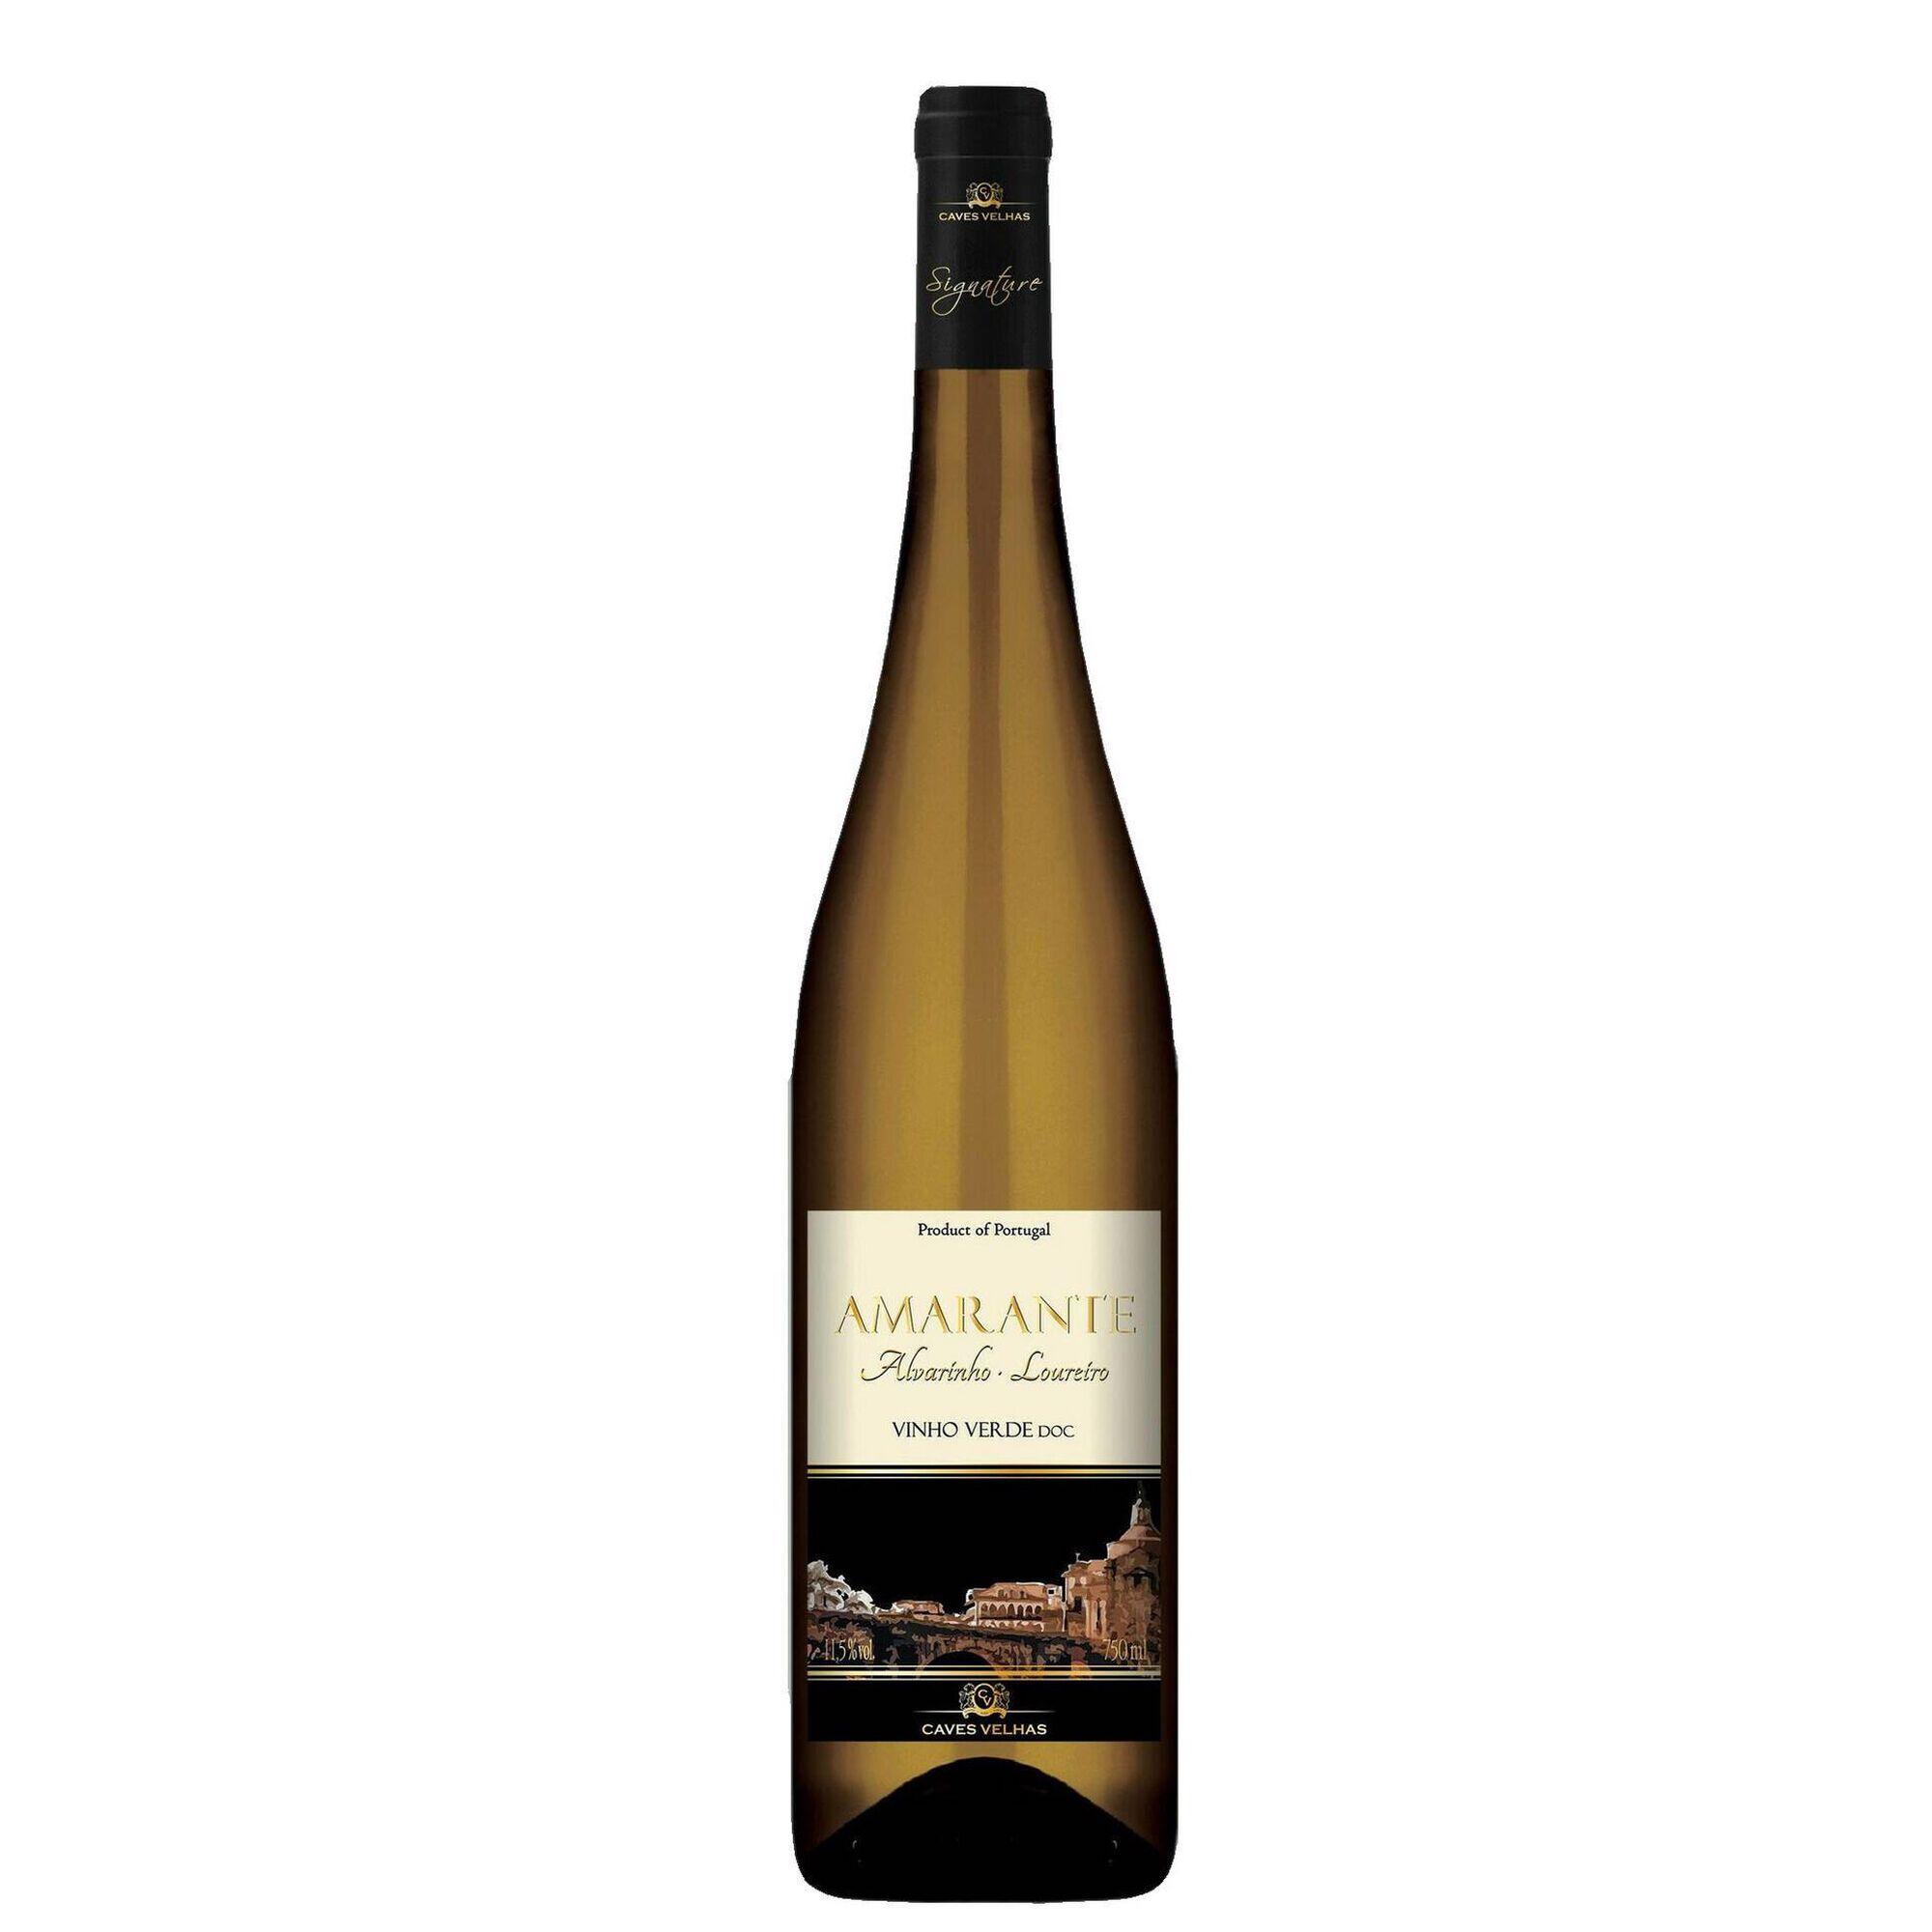 Amarante Alvarinho e Loureiro DOC Vinho Verde Branco